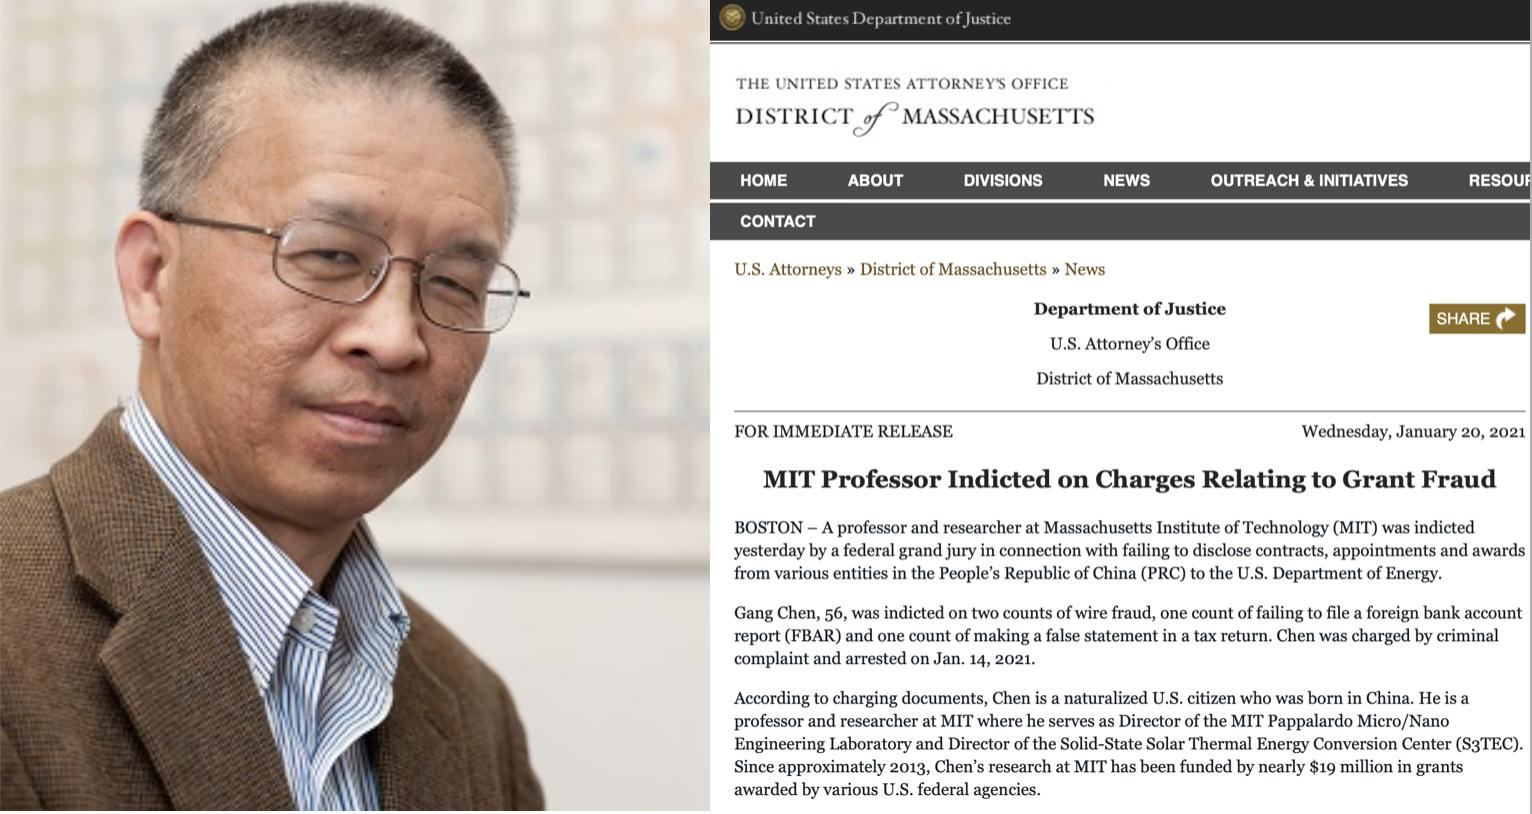 麻省理工學院機械系知名教授陳剛出生於中國,在美國歸化入籍,1月14日在波士頓被捕,1月19日被大陪審團正式起訴。(MIT官網圖片、美國司法部官網截圖/大紀元合成)